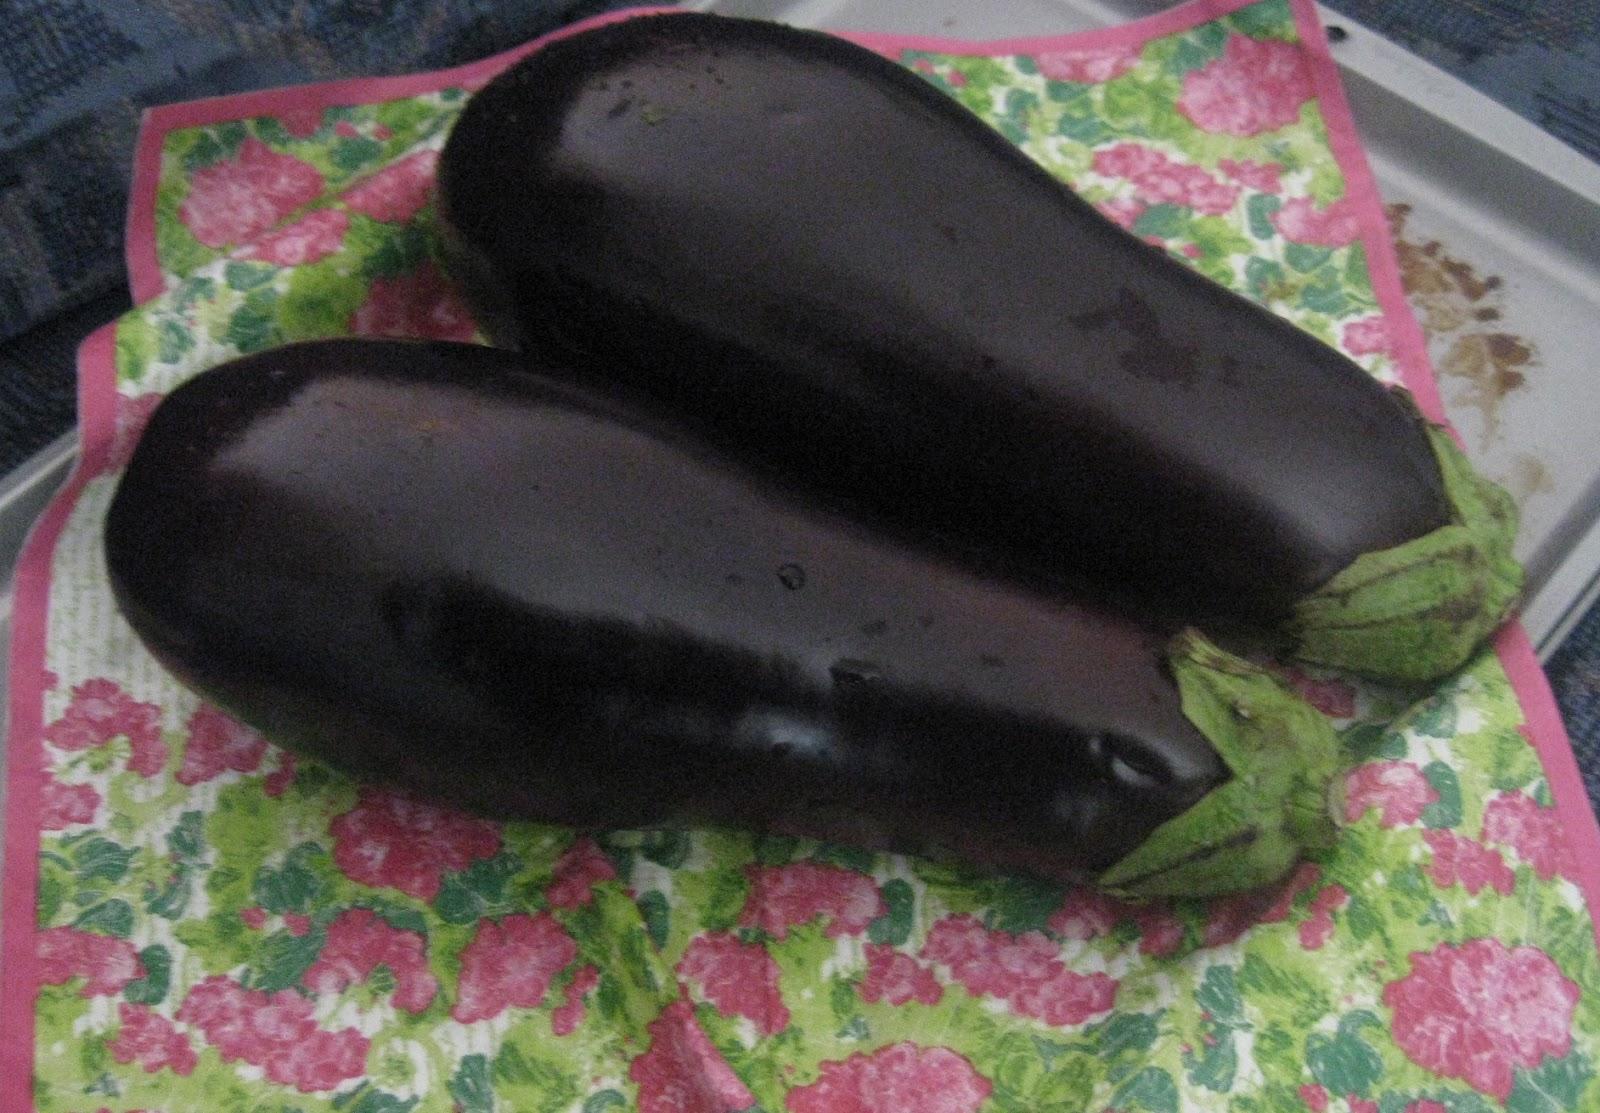 2 eggplants